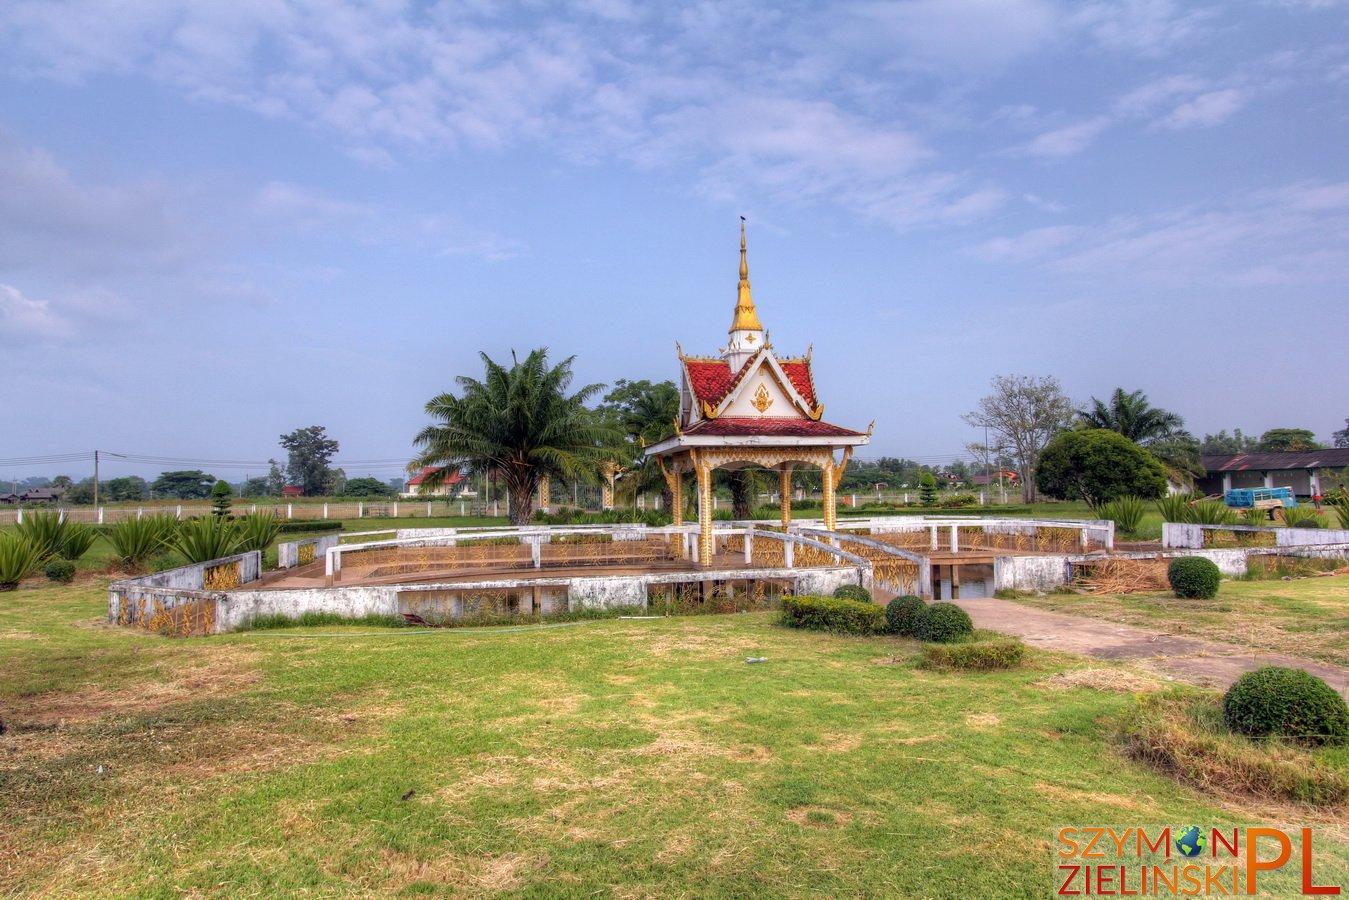 Tha Khaek Loop, Laos - Day 4 - Khoung Kong Leng lake (Evening Gong lake)